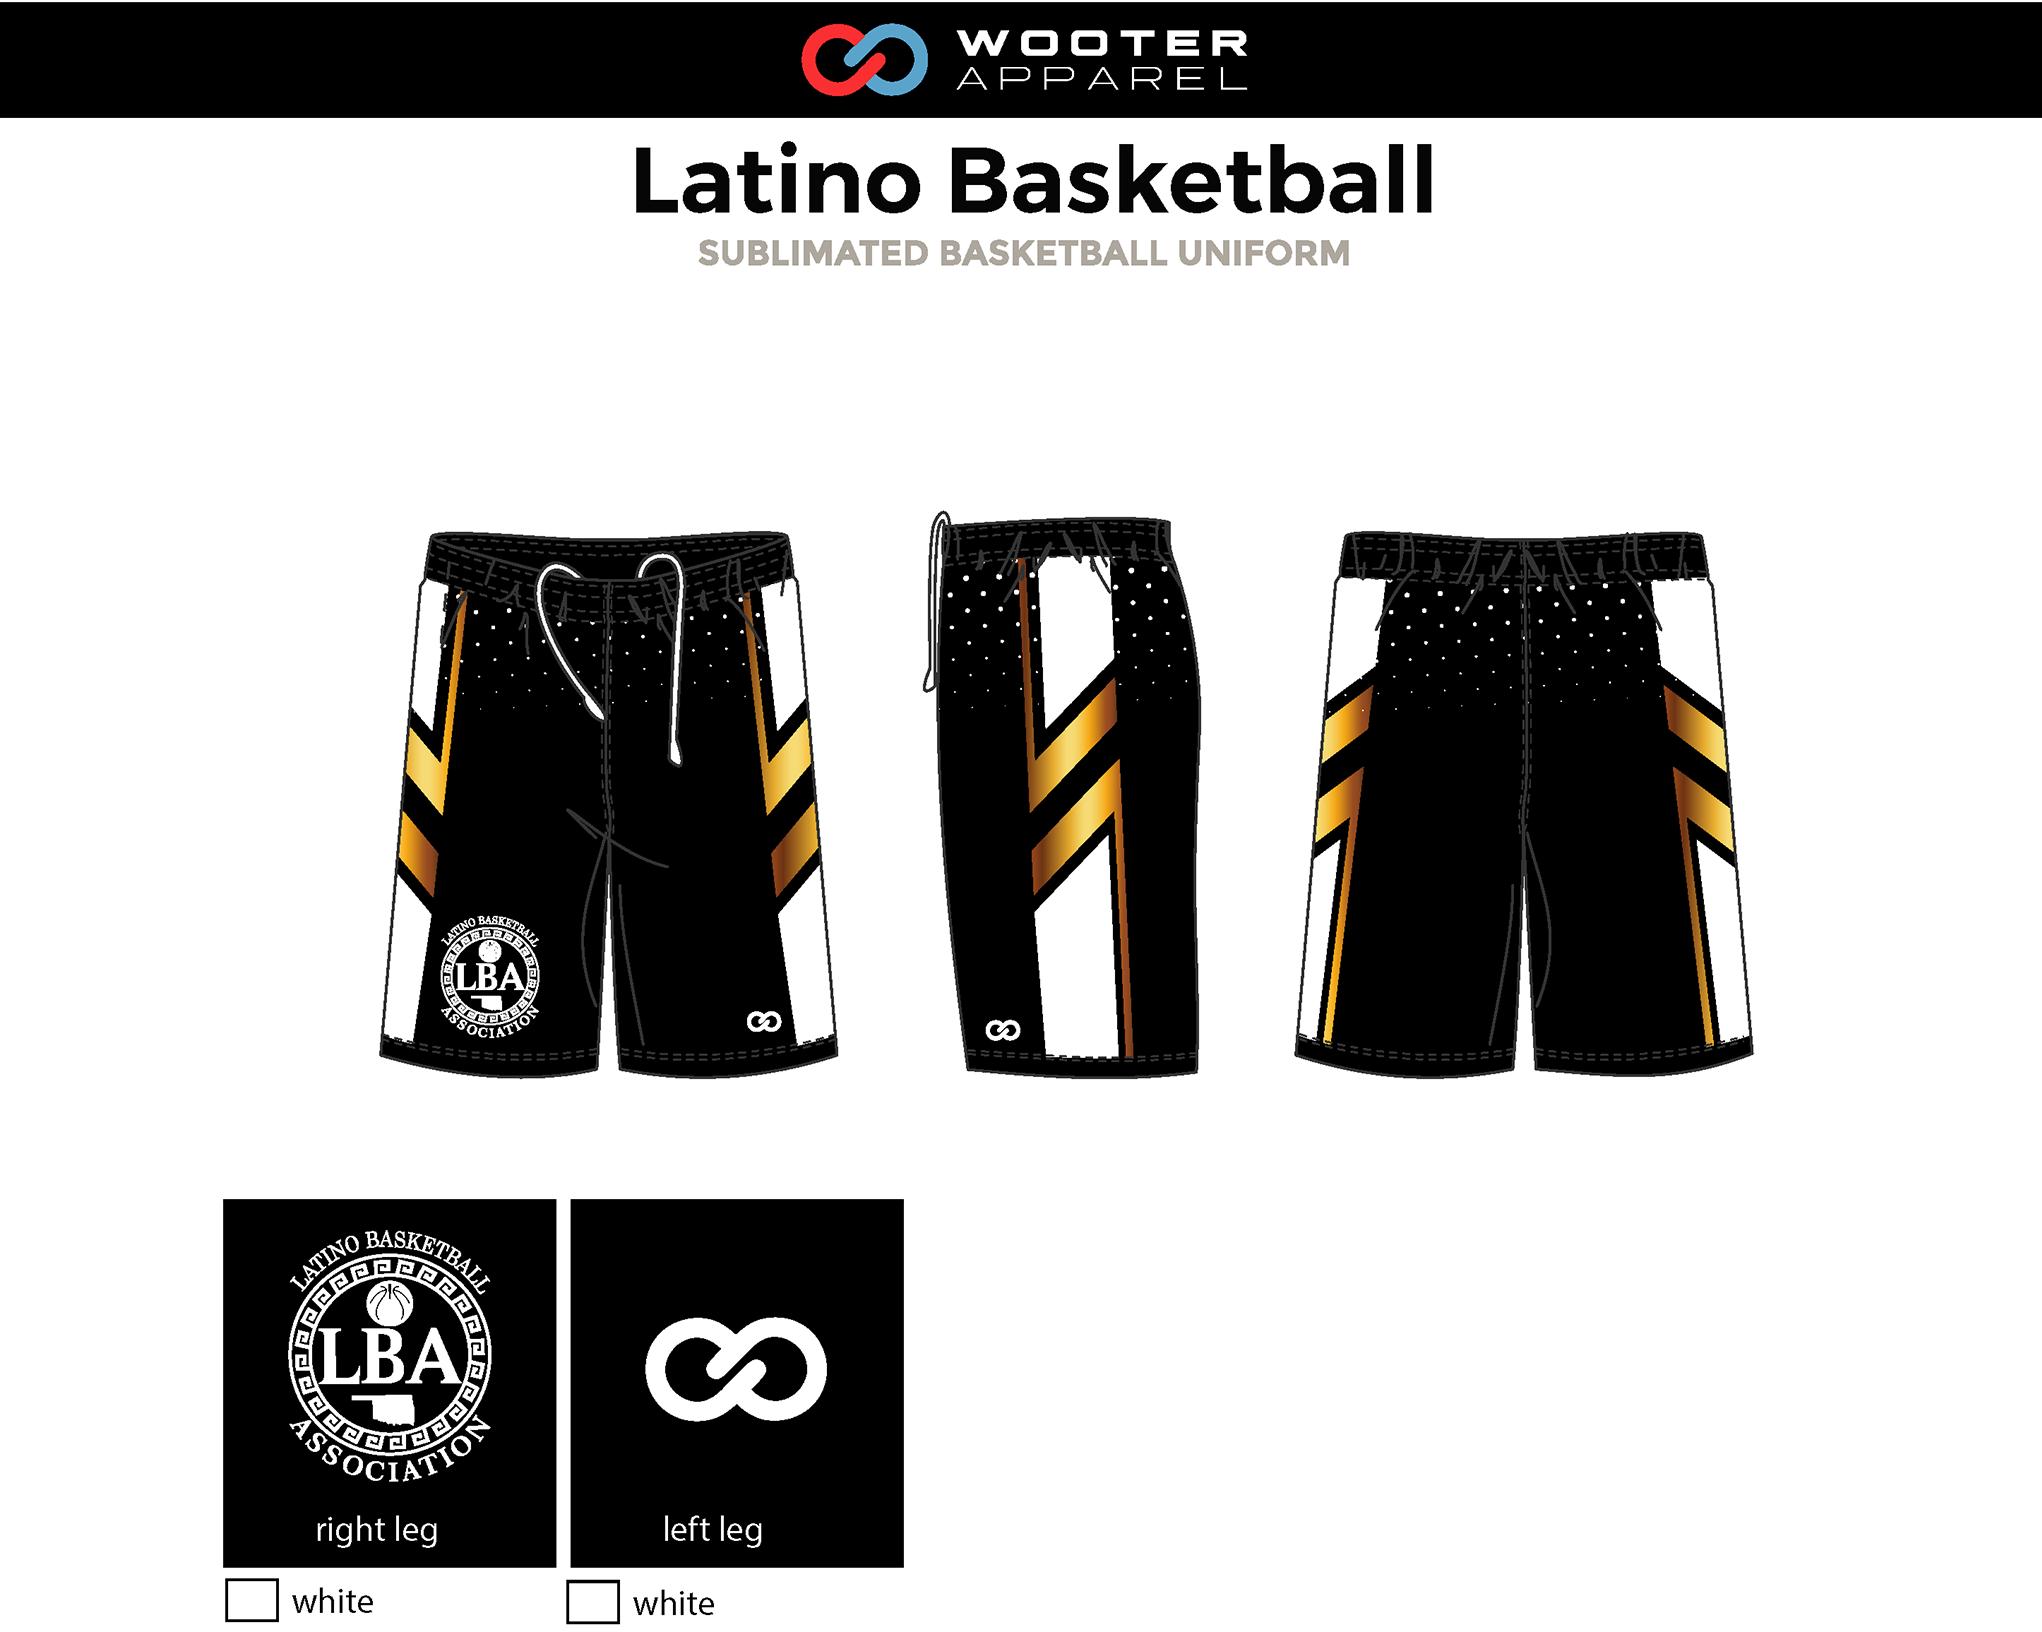 latino basketball_Page_2.png